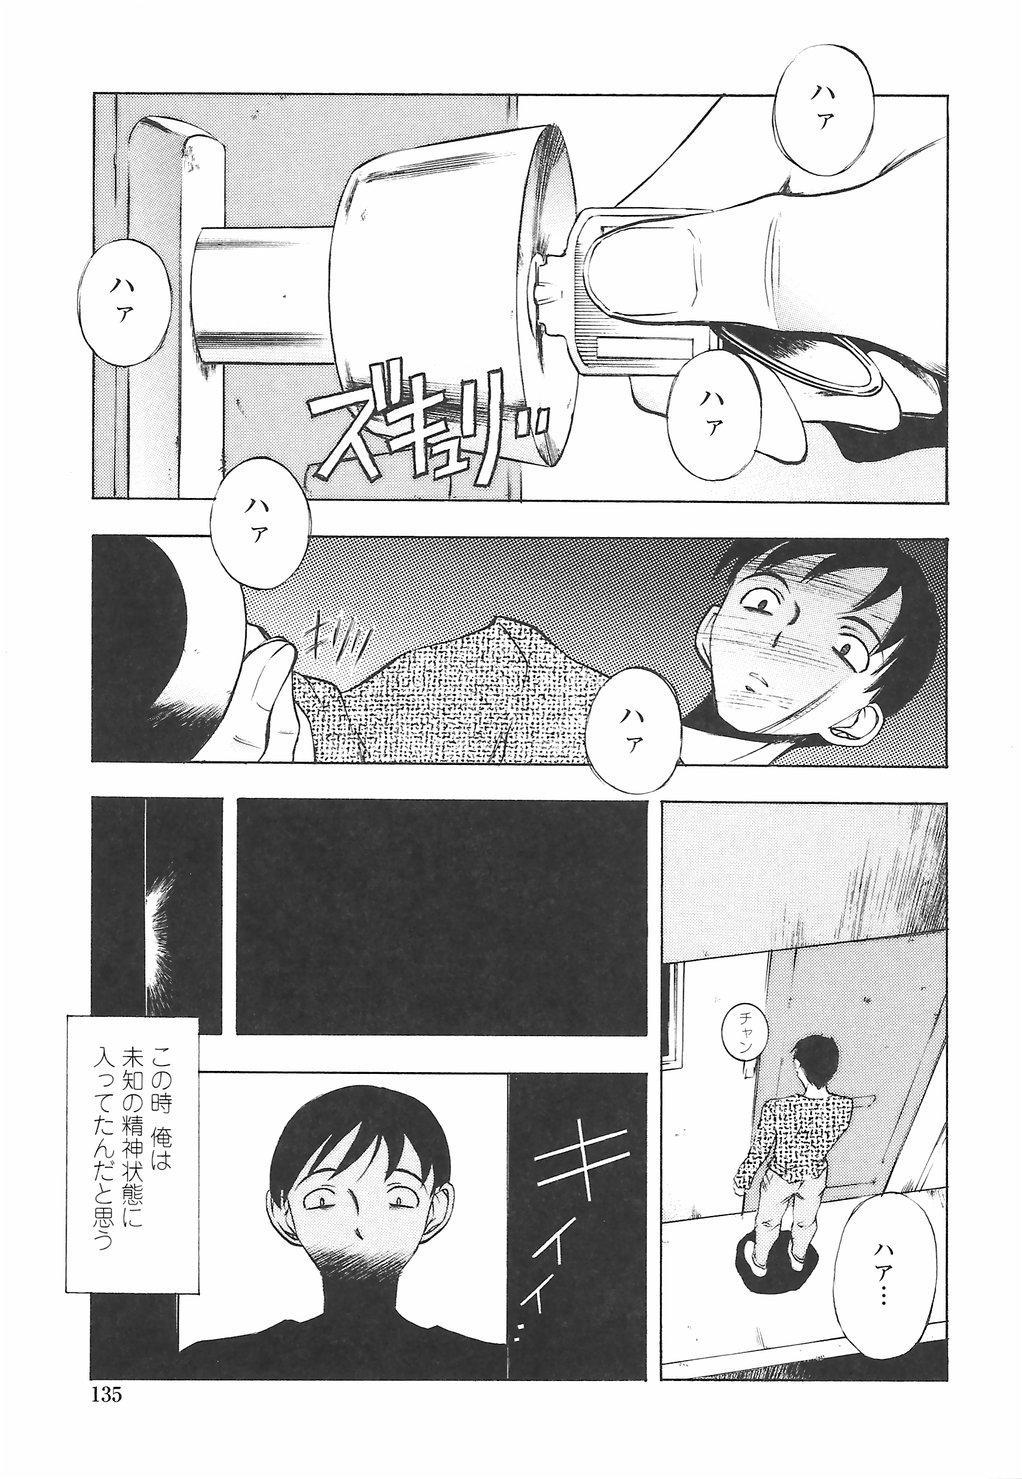 [Yuuki Tsumugi] Oshiete Ane-Tea - Teach me! my sister teacher. 138